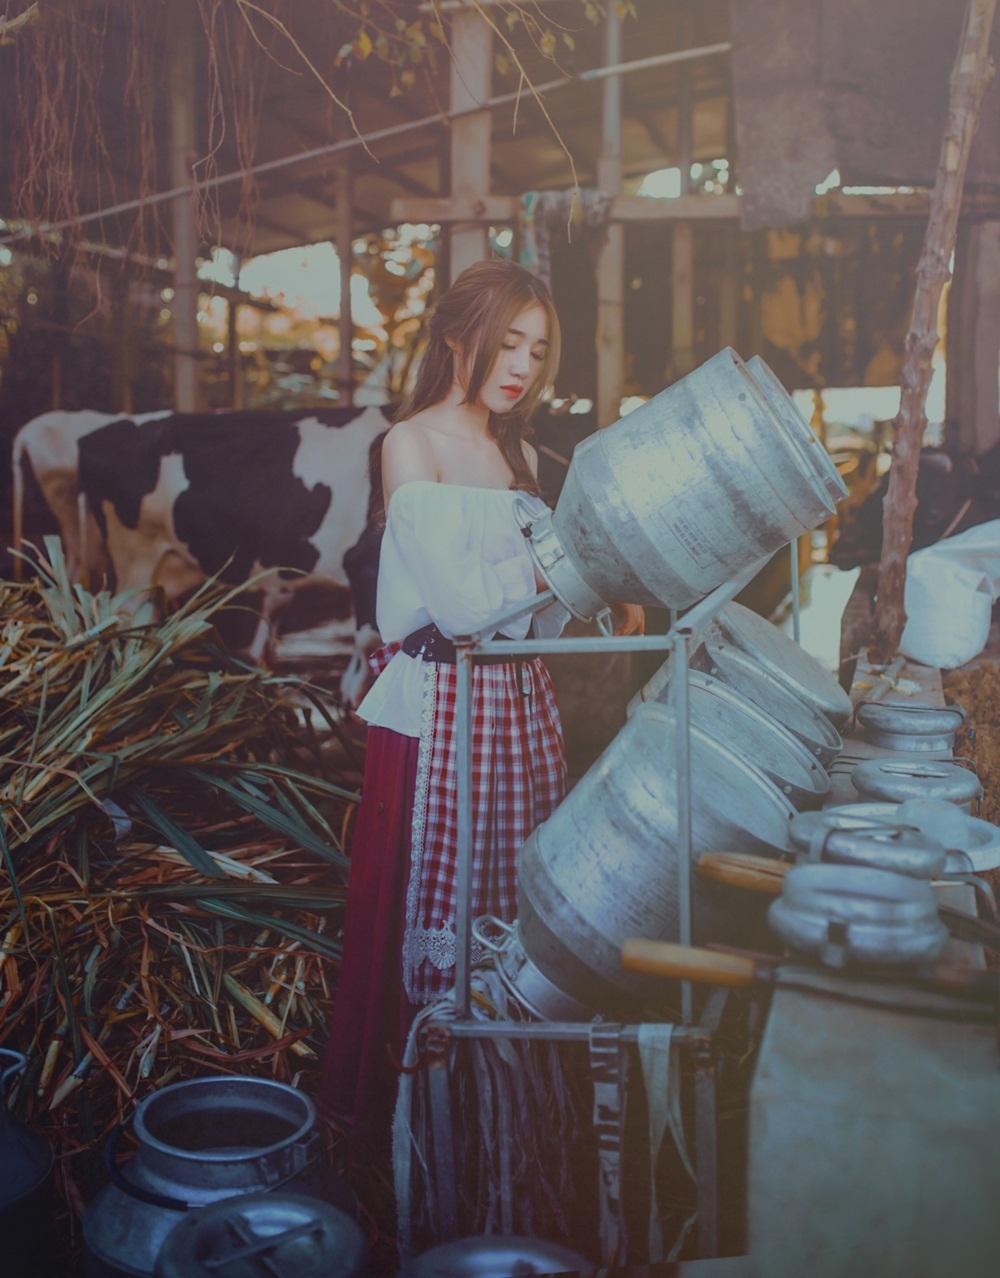 Đặc biệt, Elly Trần và toàn bộ êkip phải tự xắn tay áo lên dọn dẹp từng ngóc ngách và sắp xếp rơm rạ, thùng gánh nước theo trật tự, thể hiện ý tưởng chủ đạo của bộ ảnh.